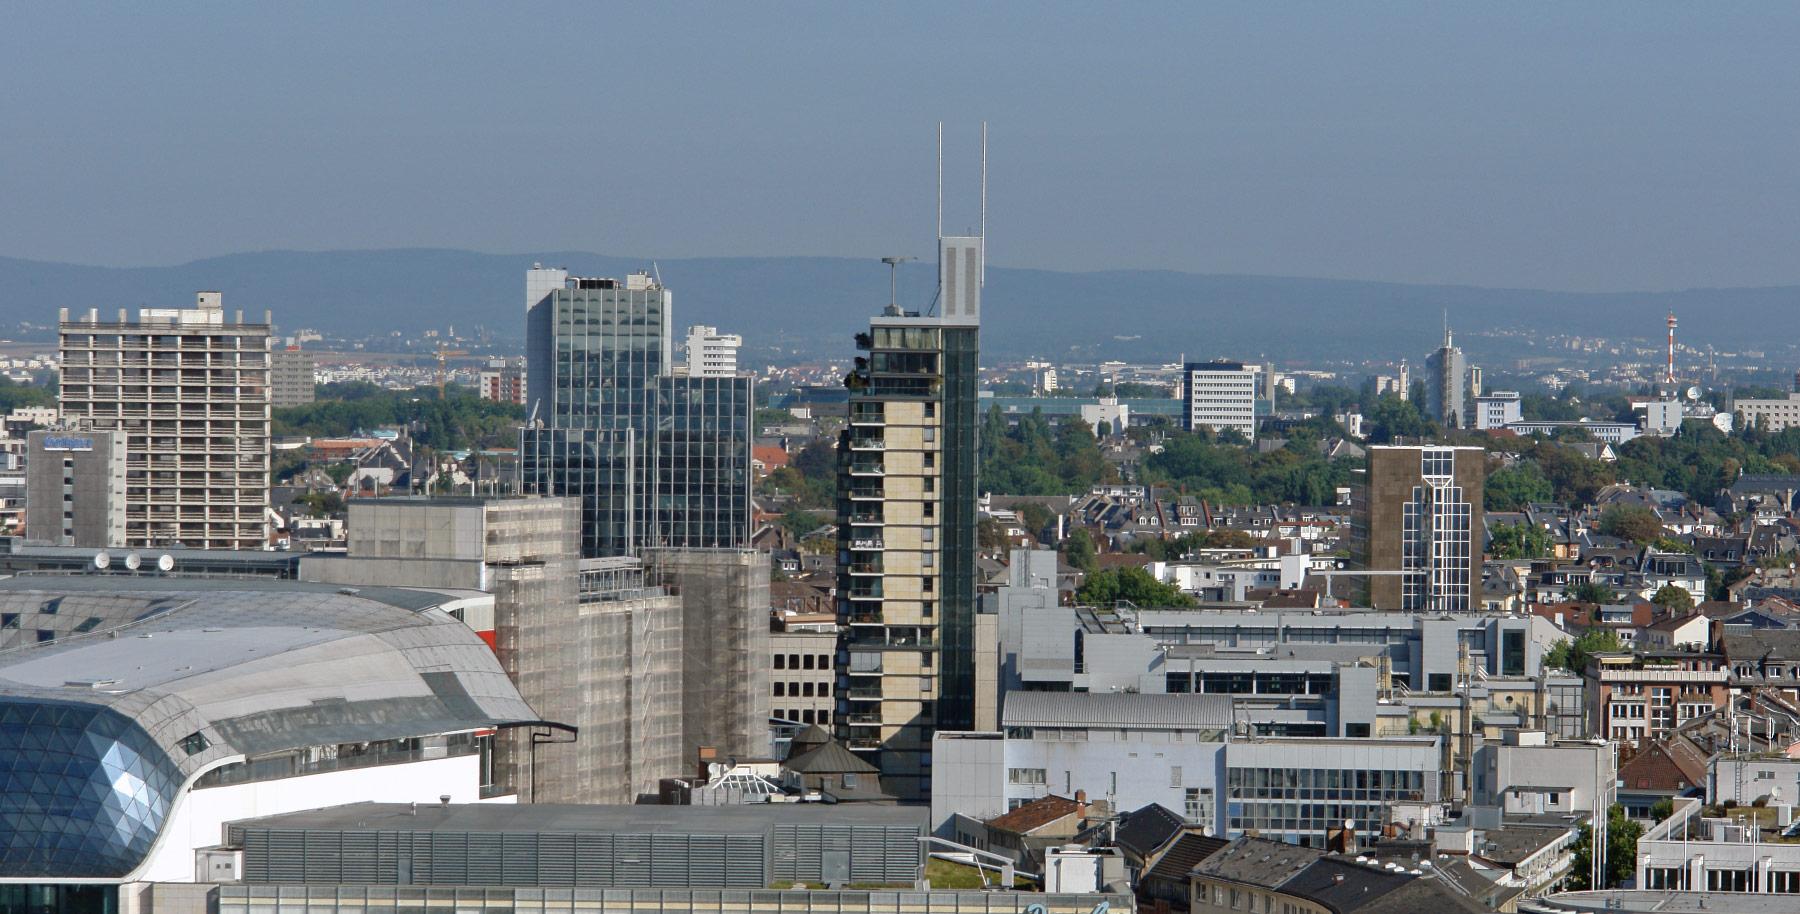 Skylight Frankfurt am Main - Hochhaus Sir Richard Rogers und ABB Architekten - Wohnturm Frankfurt Innenstadt - Wohnungen zur Vermietung im Hochhaus